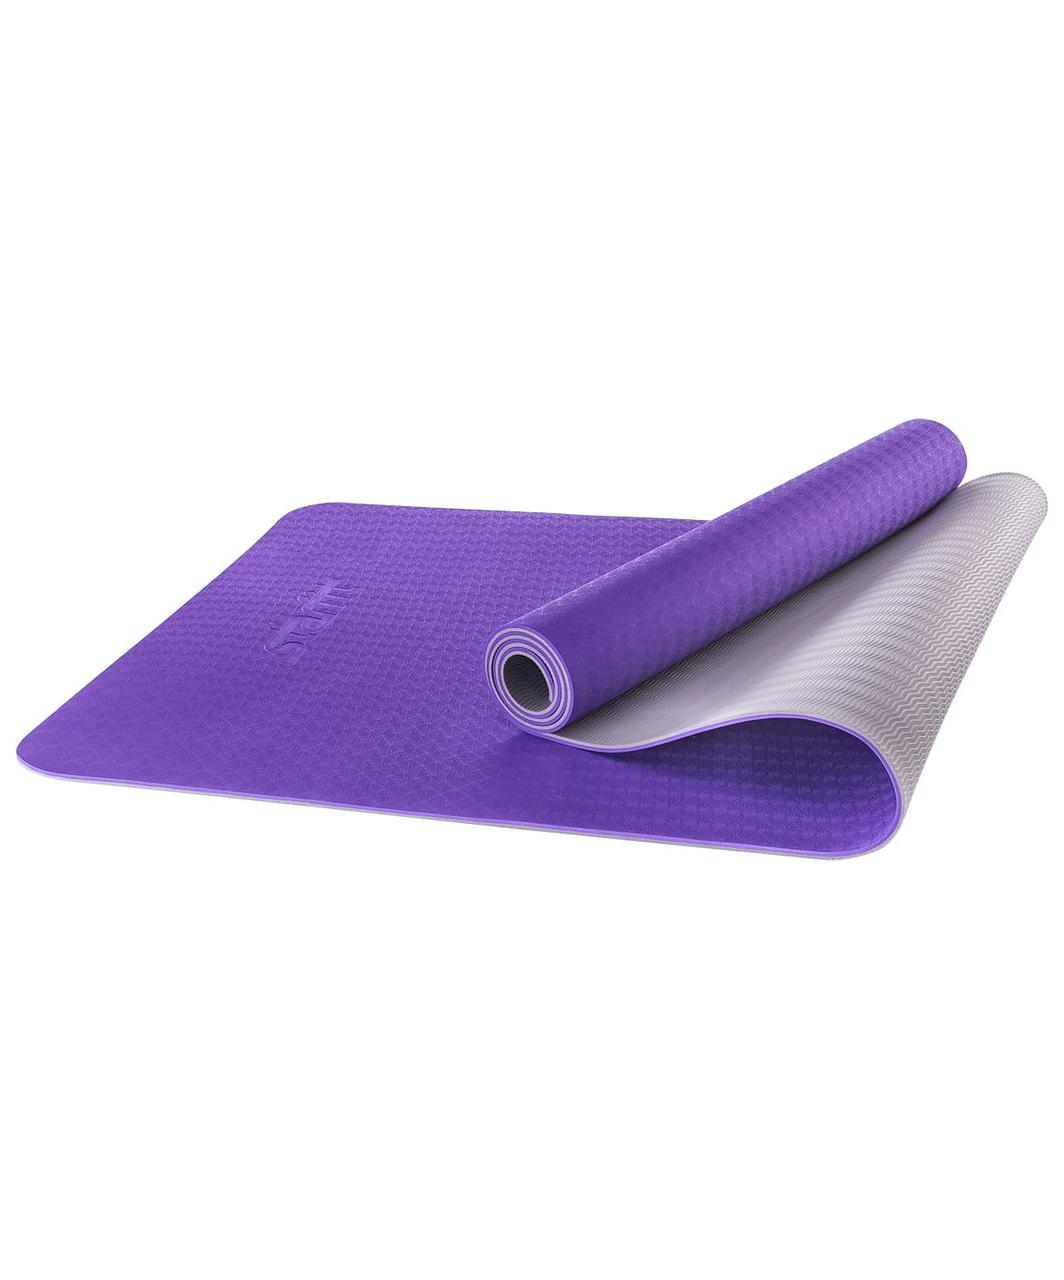 Коврик для йоги FM-201, TPE, 173x61x0,5 см, фиолетовый/серый Starfit